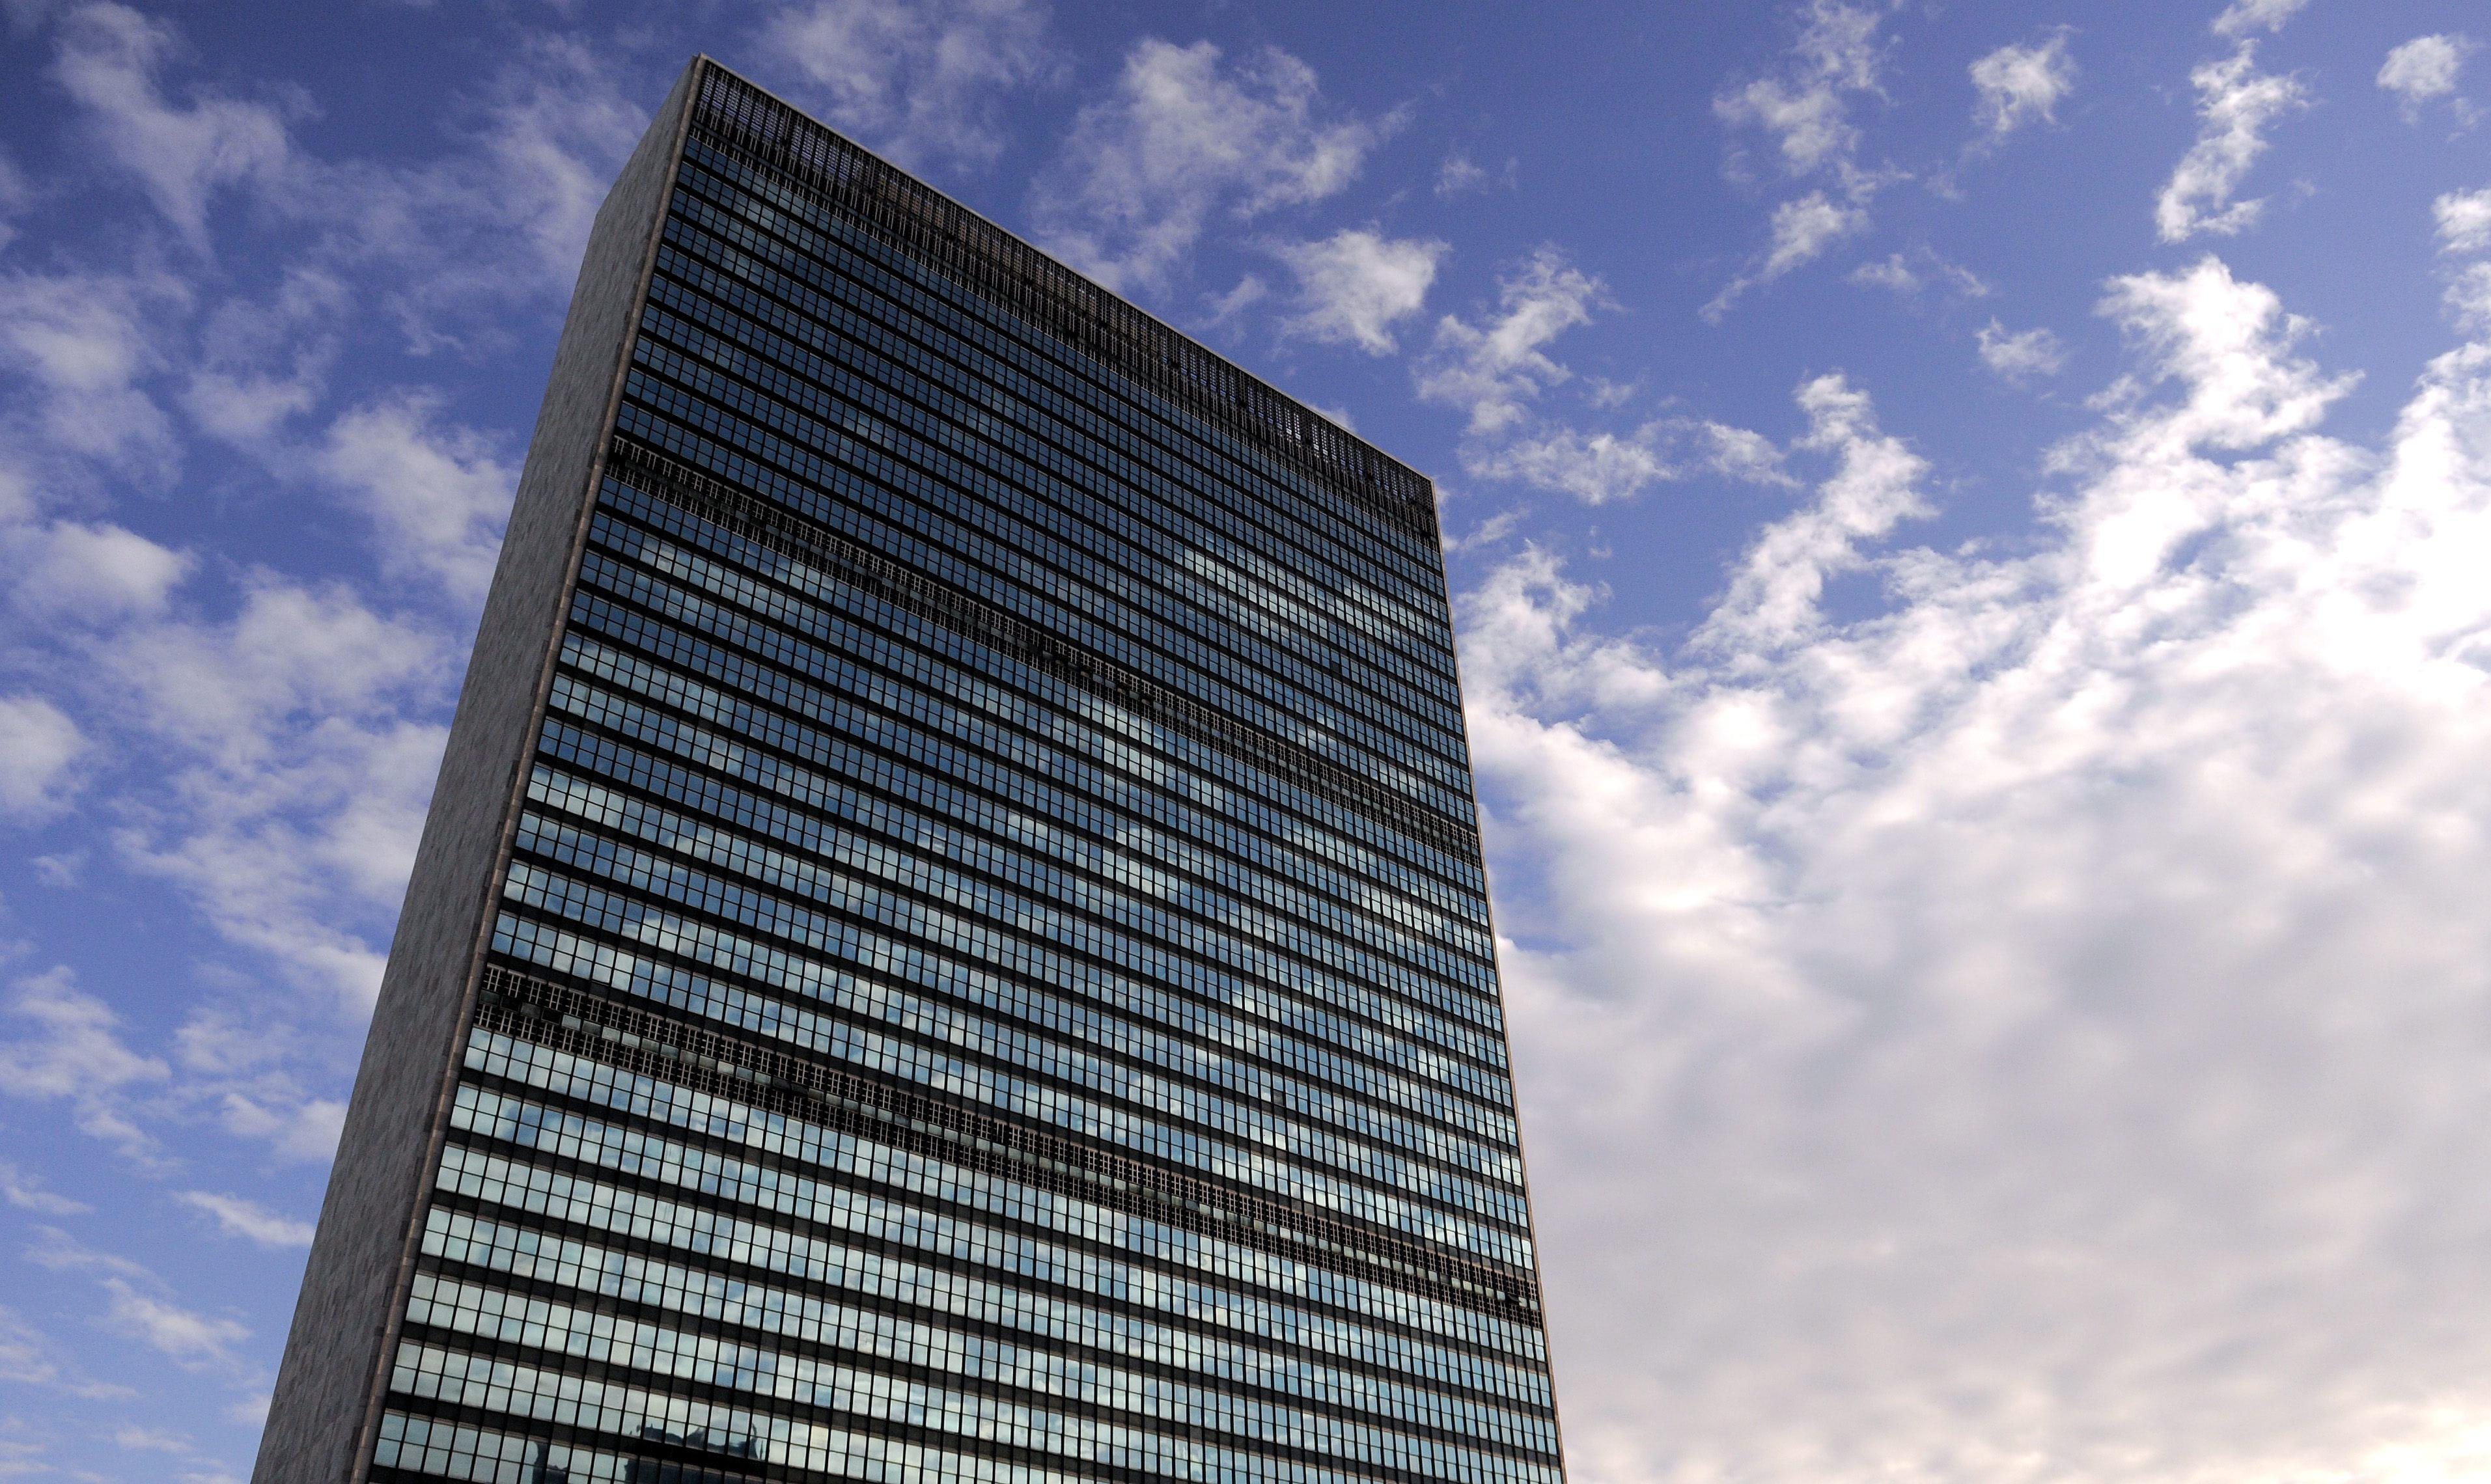 La CE quiere tratar el asunto del espionaje en la negociación con EEUU